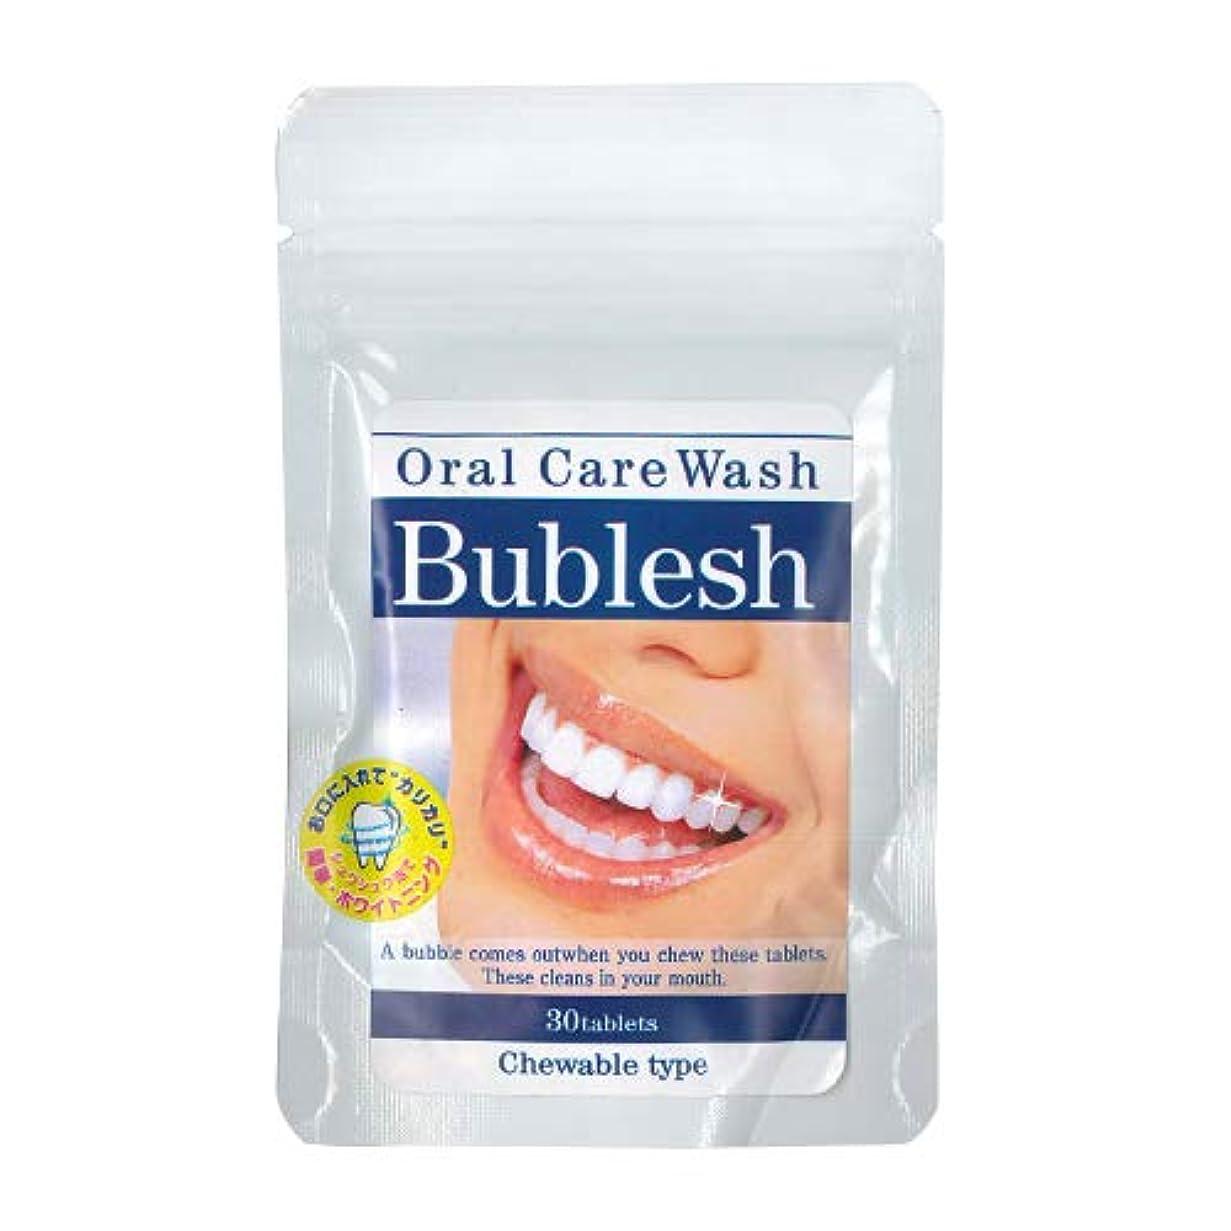 通行人和解するお風呂を持っているオーラルケアウォッシュ バブレッシュ (Oral Care Wash Bublesh) 30粒 × 3個セット